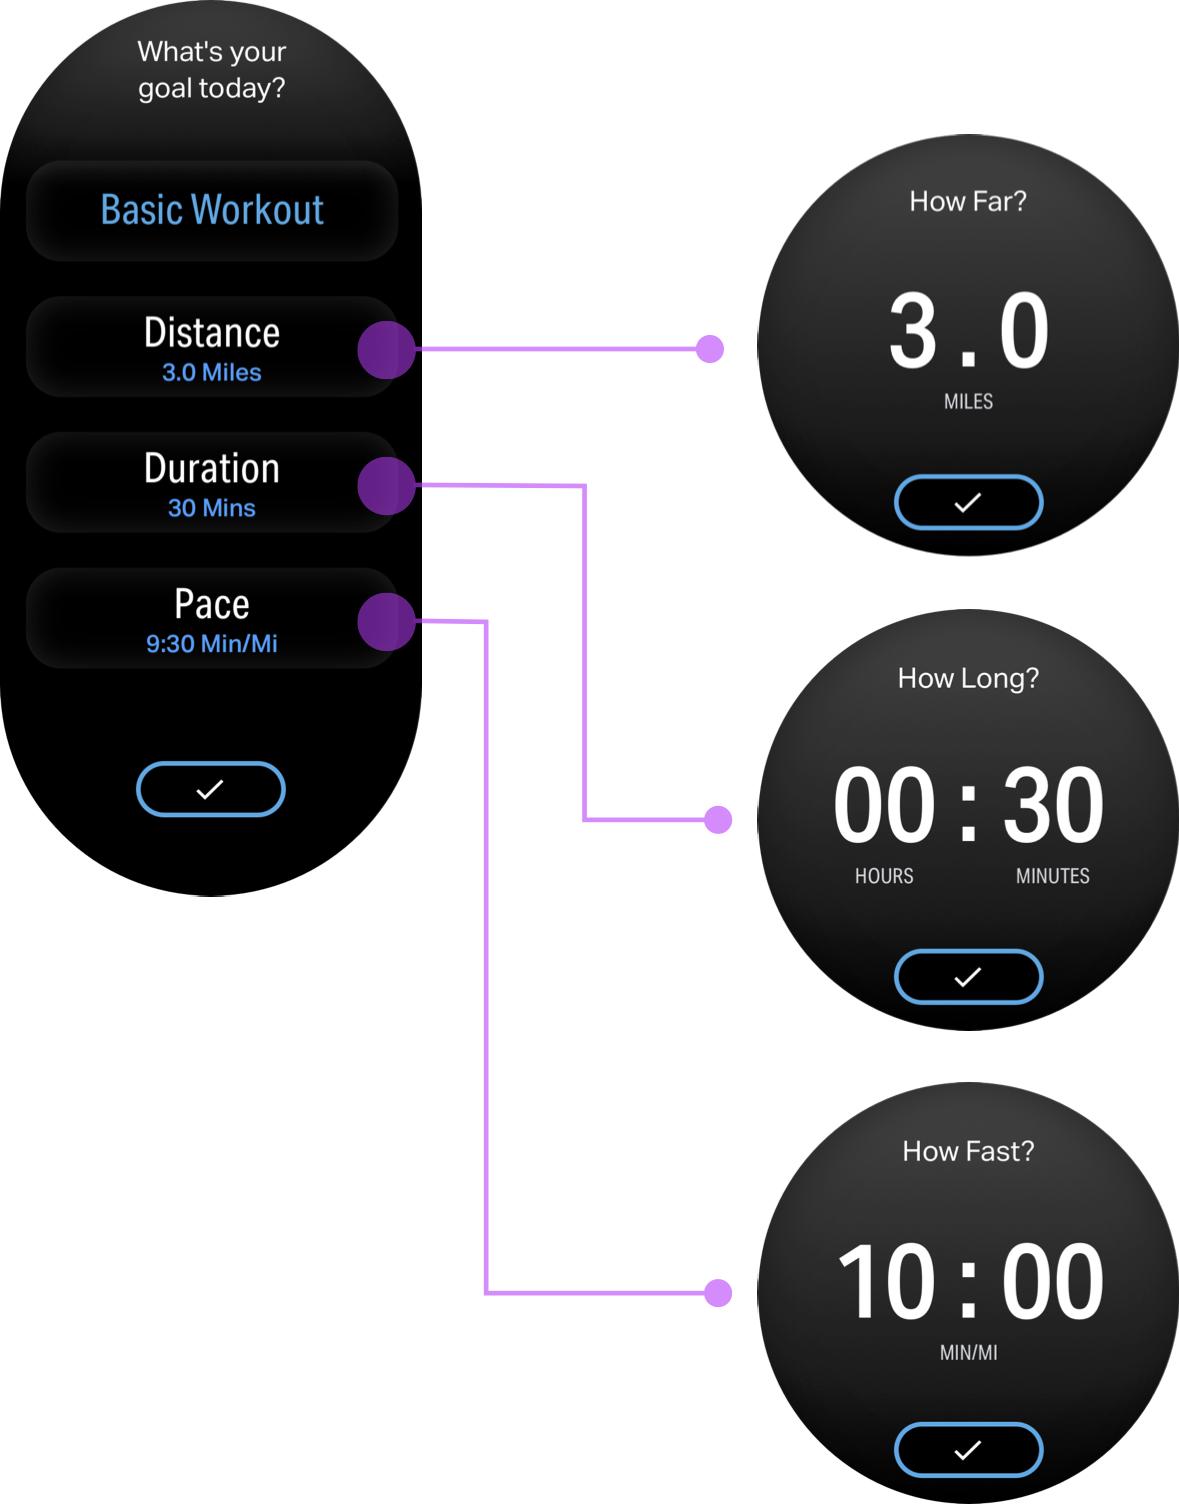 Workout_goals_setup.png